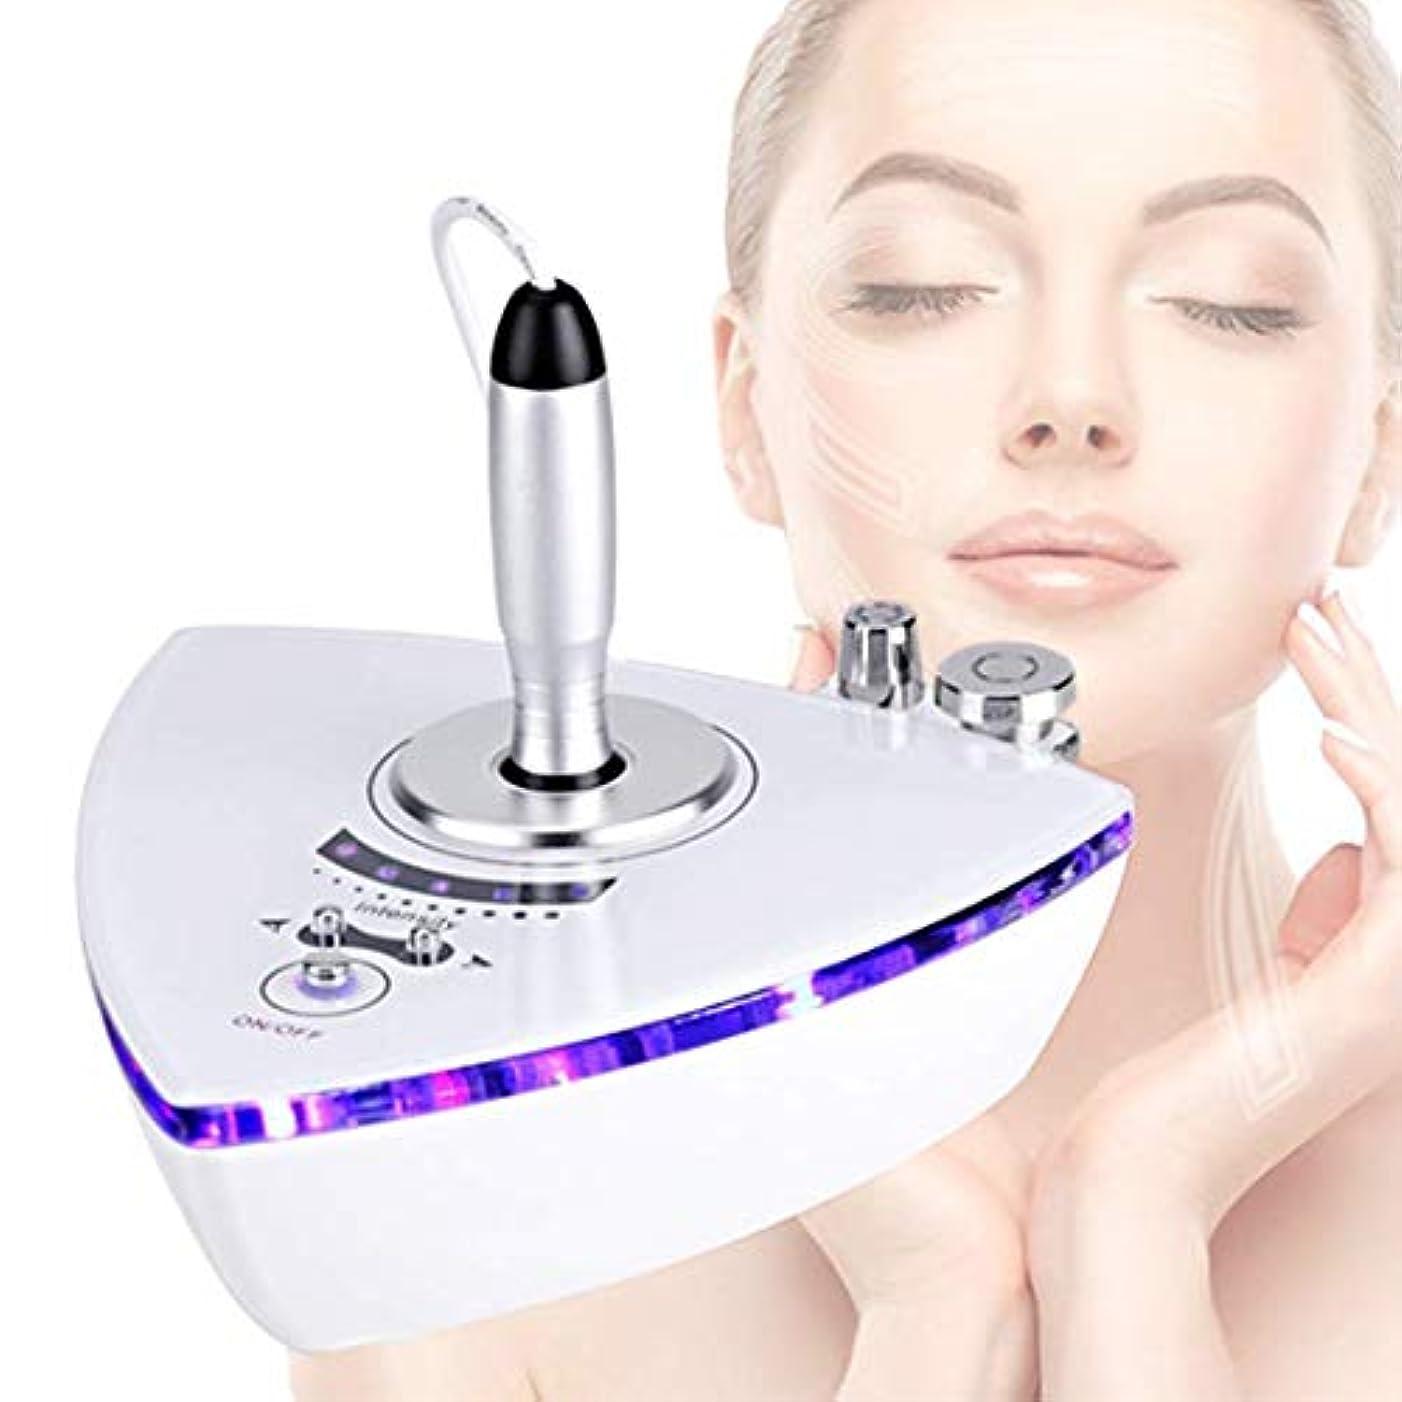 ふざけたニンニク冒険RFの無線周波数の美顔術機械、反老化のスキンケアをきつく締める皮の若返りのしわ除去の皮のための家の使用携帯用美顔術機械